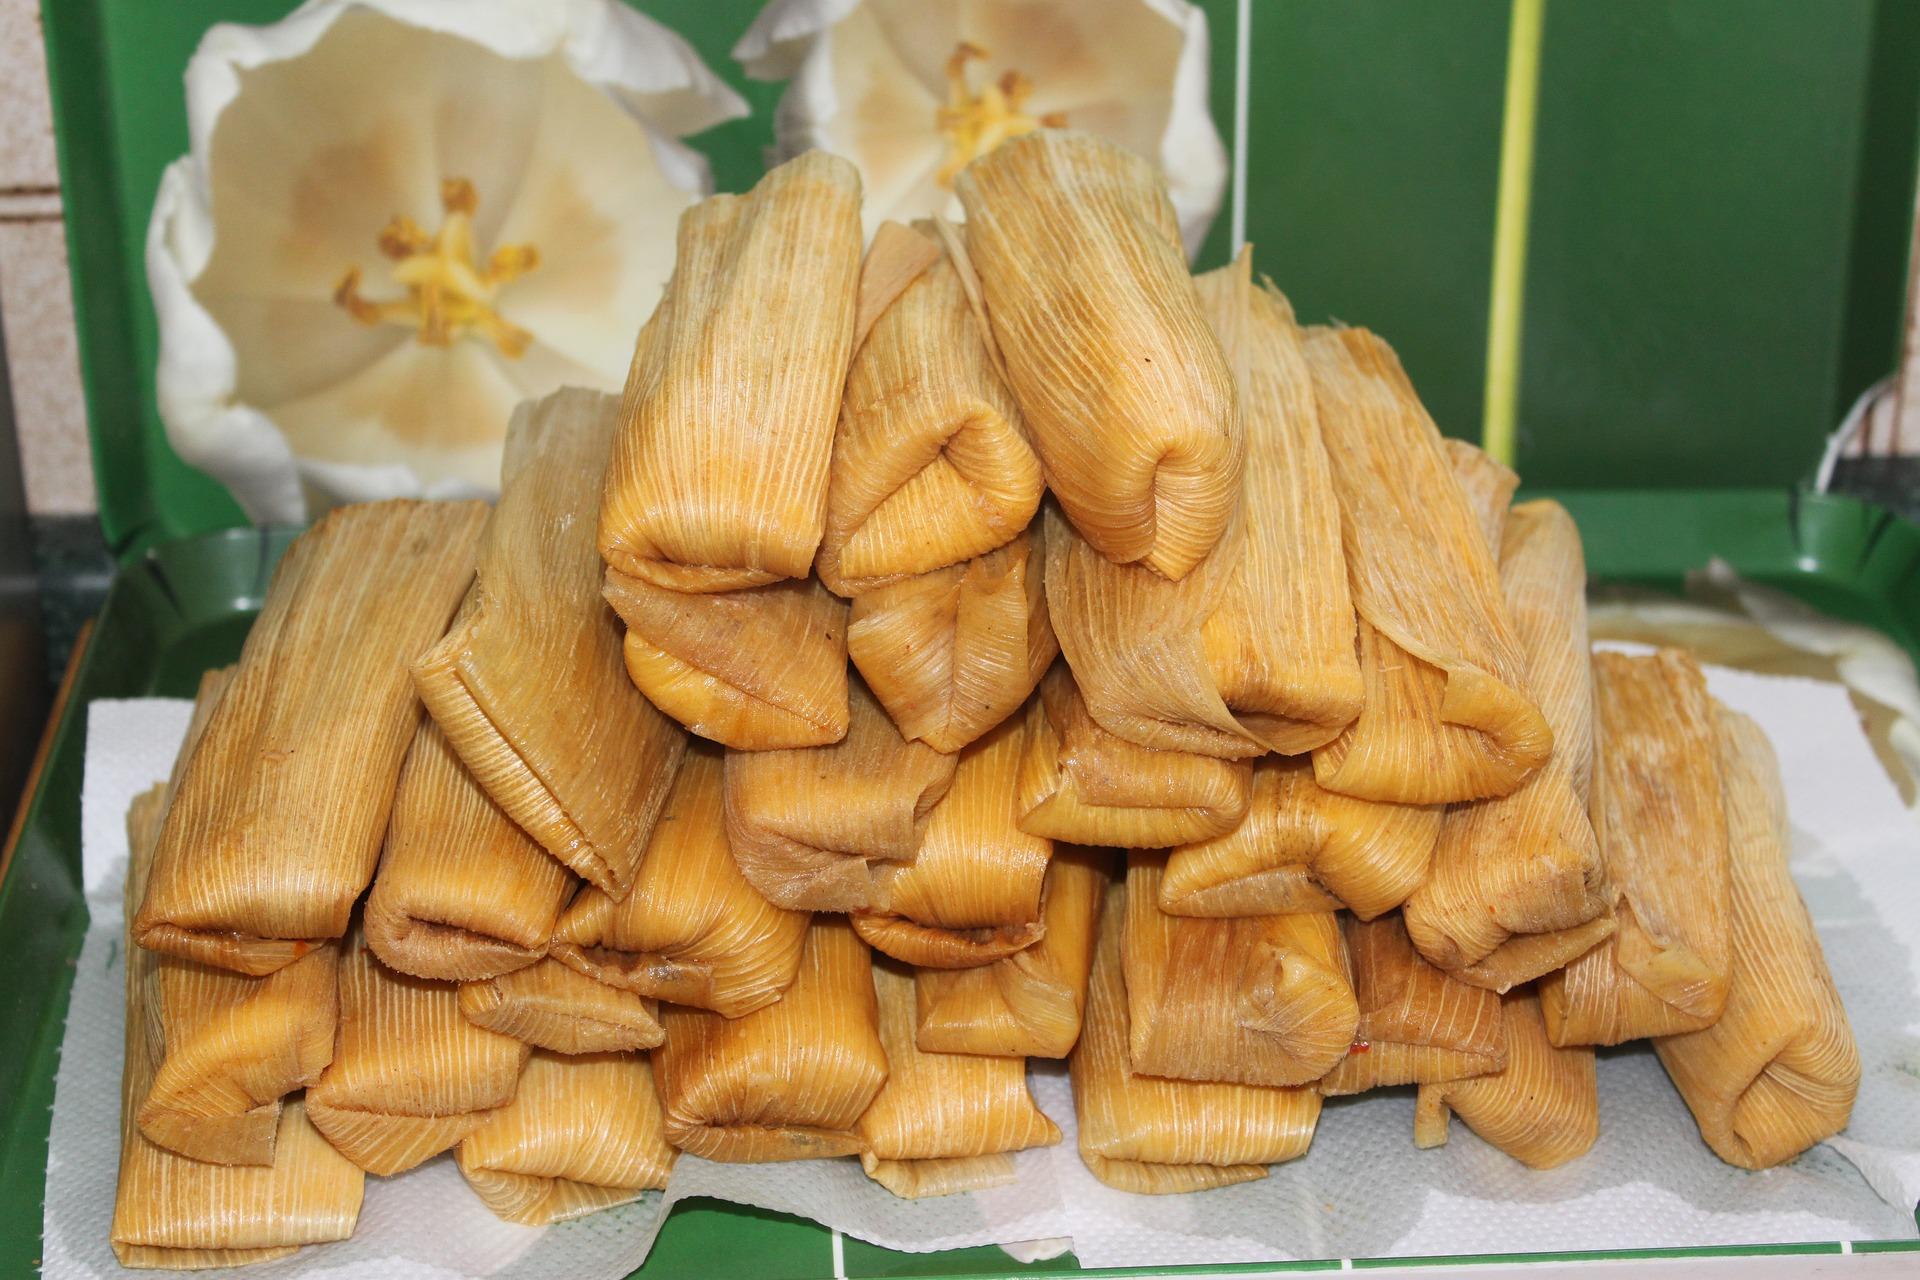 tamales-1990080_1920.jpg